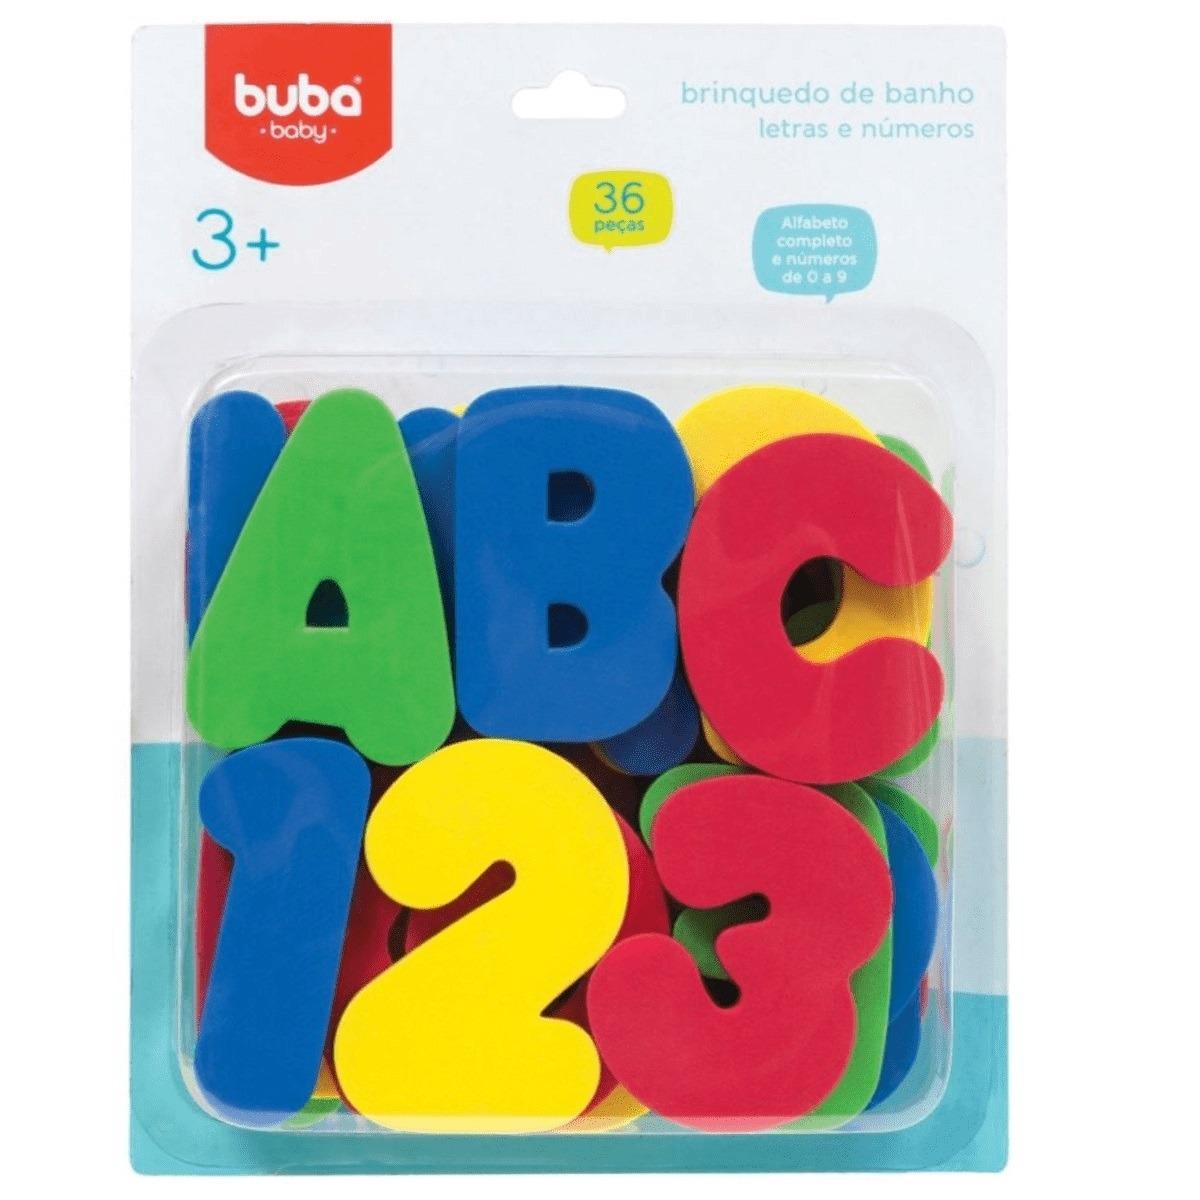 Brinquedo de Banho Letras e Numeros 36 pecas - Buba